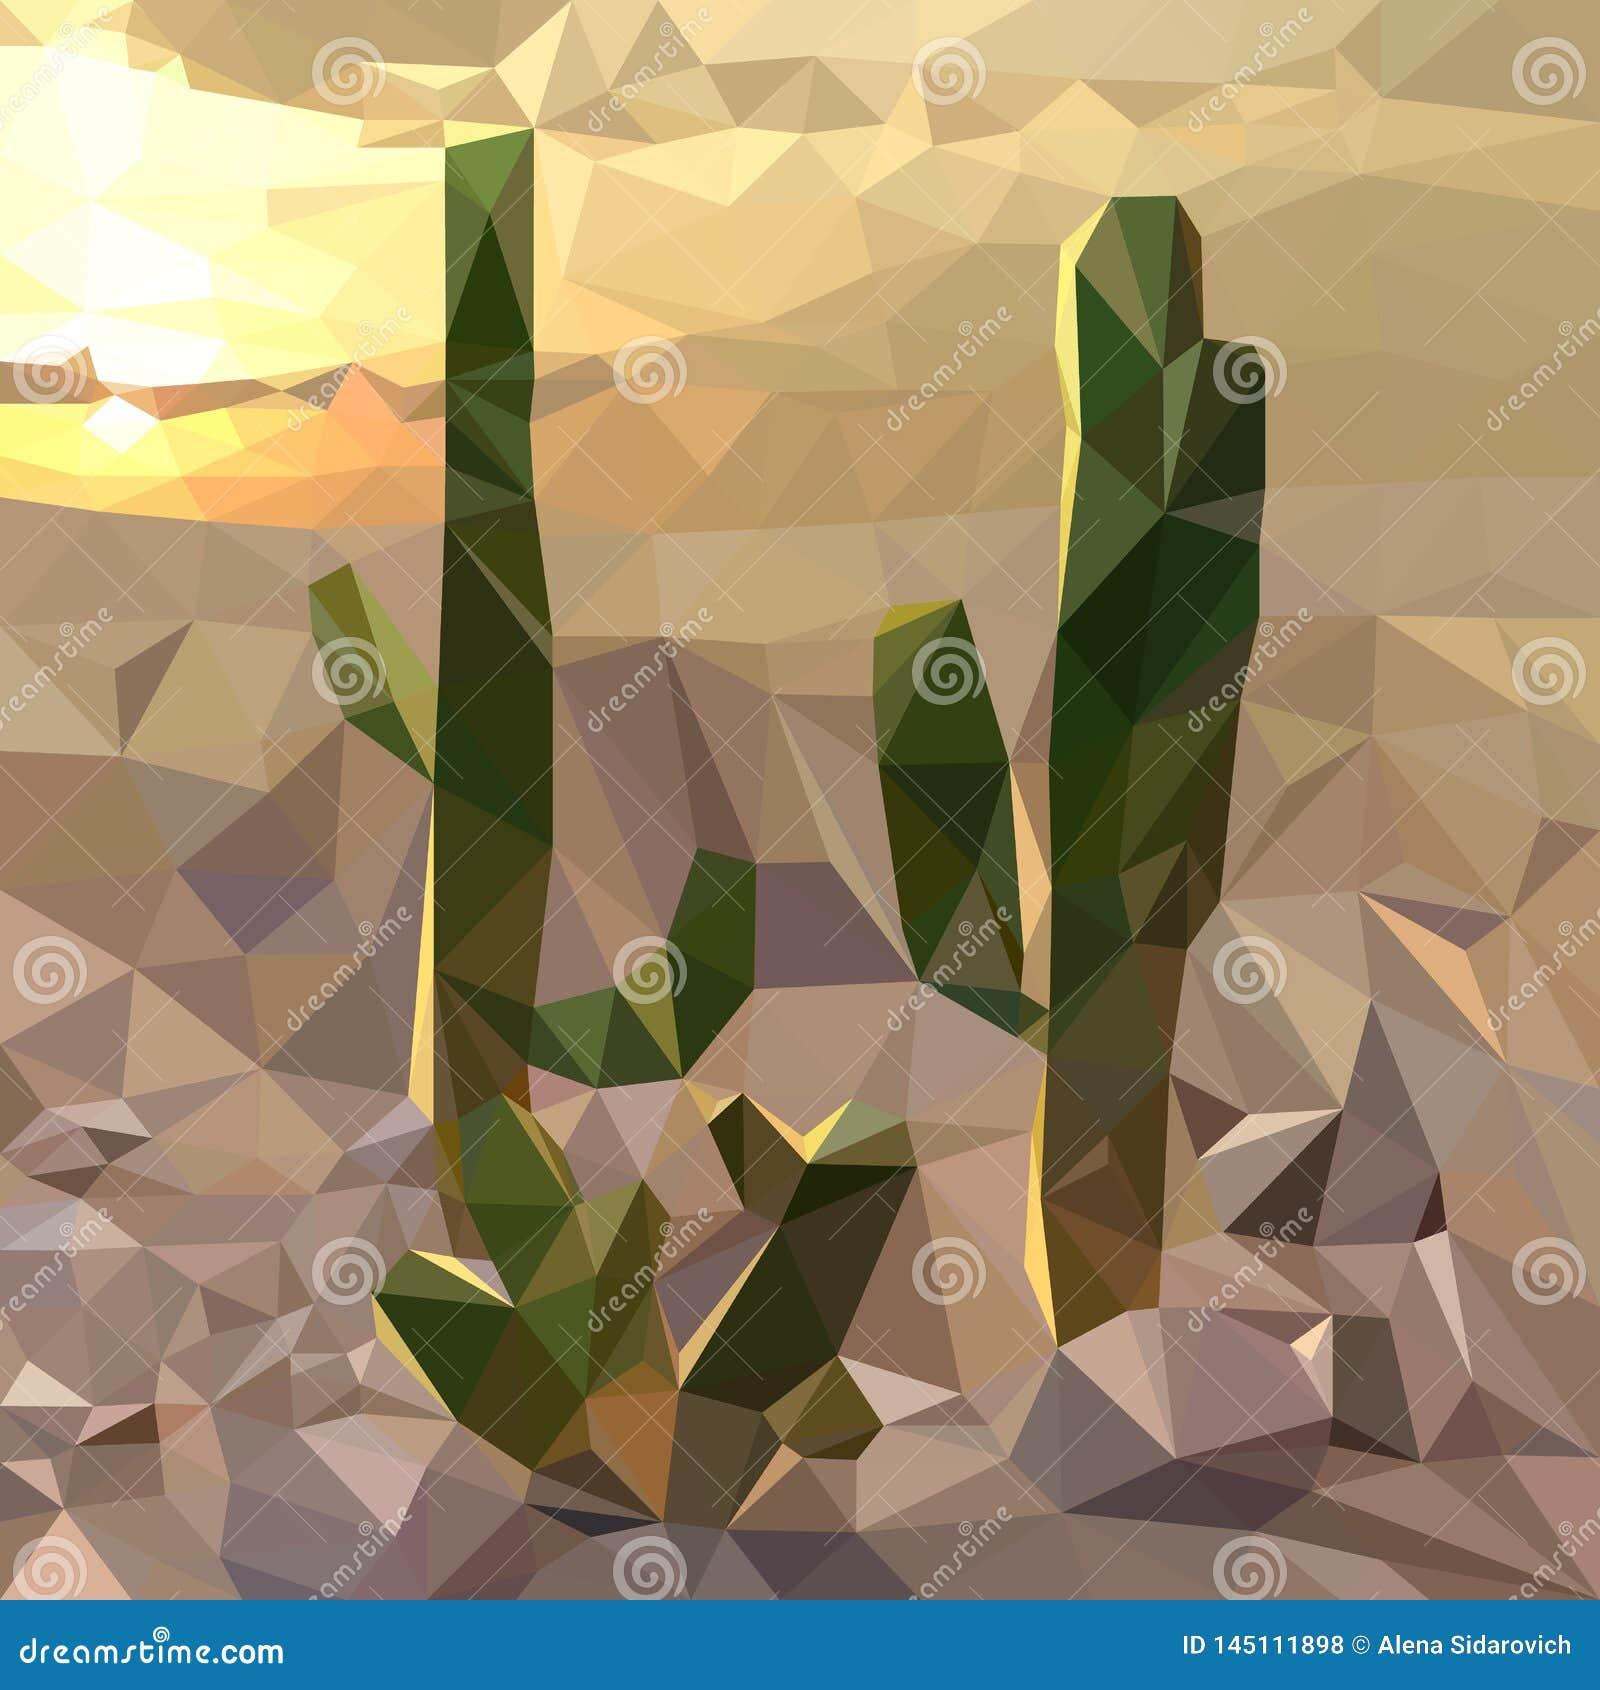 Varios cactus en el fondo de la puesta del sol en el desierto, paisaje de la tarde, mosaico multicolor